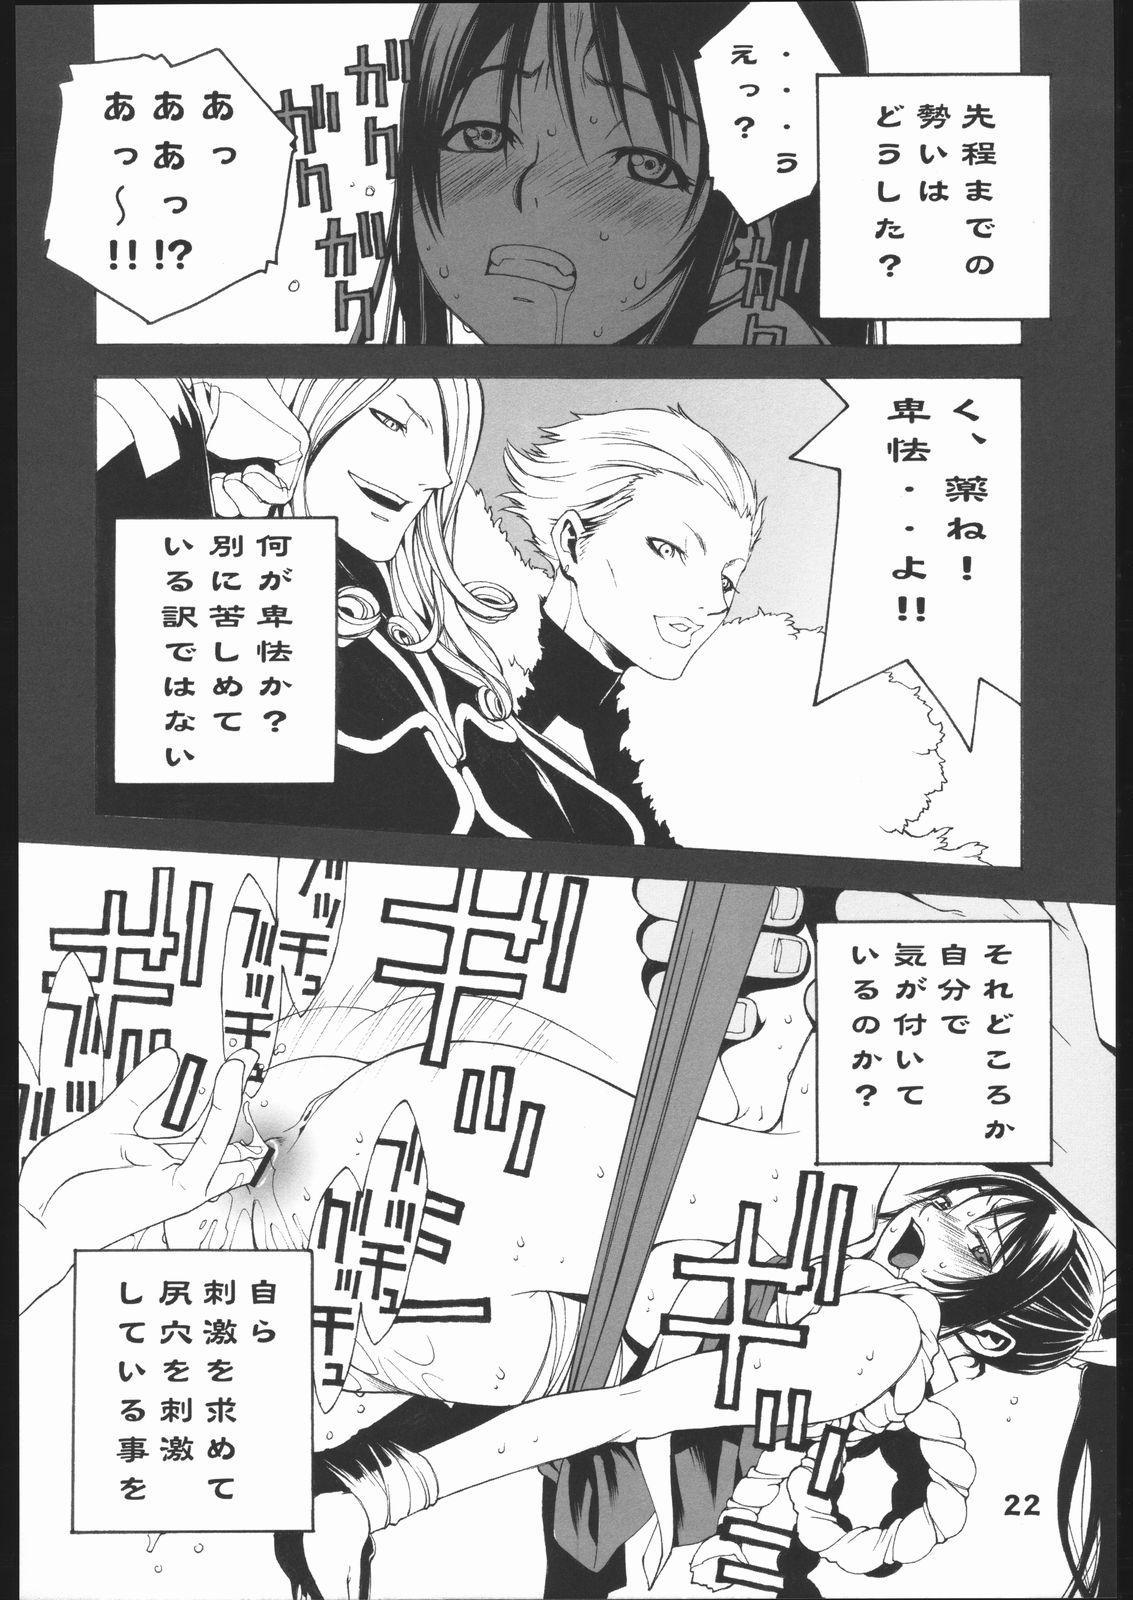 Shiranui Futatsu 22